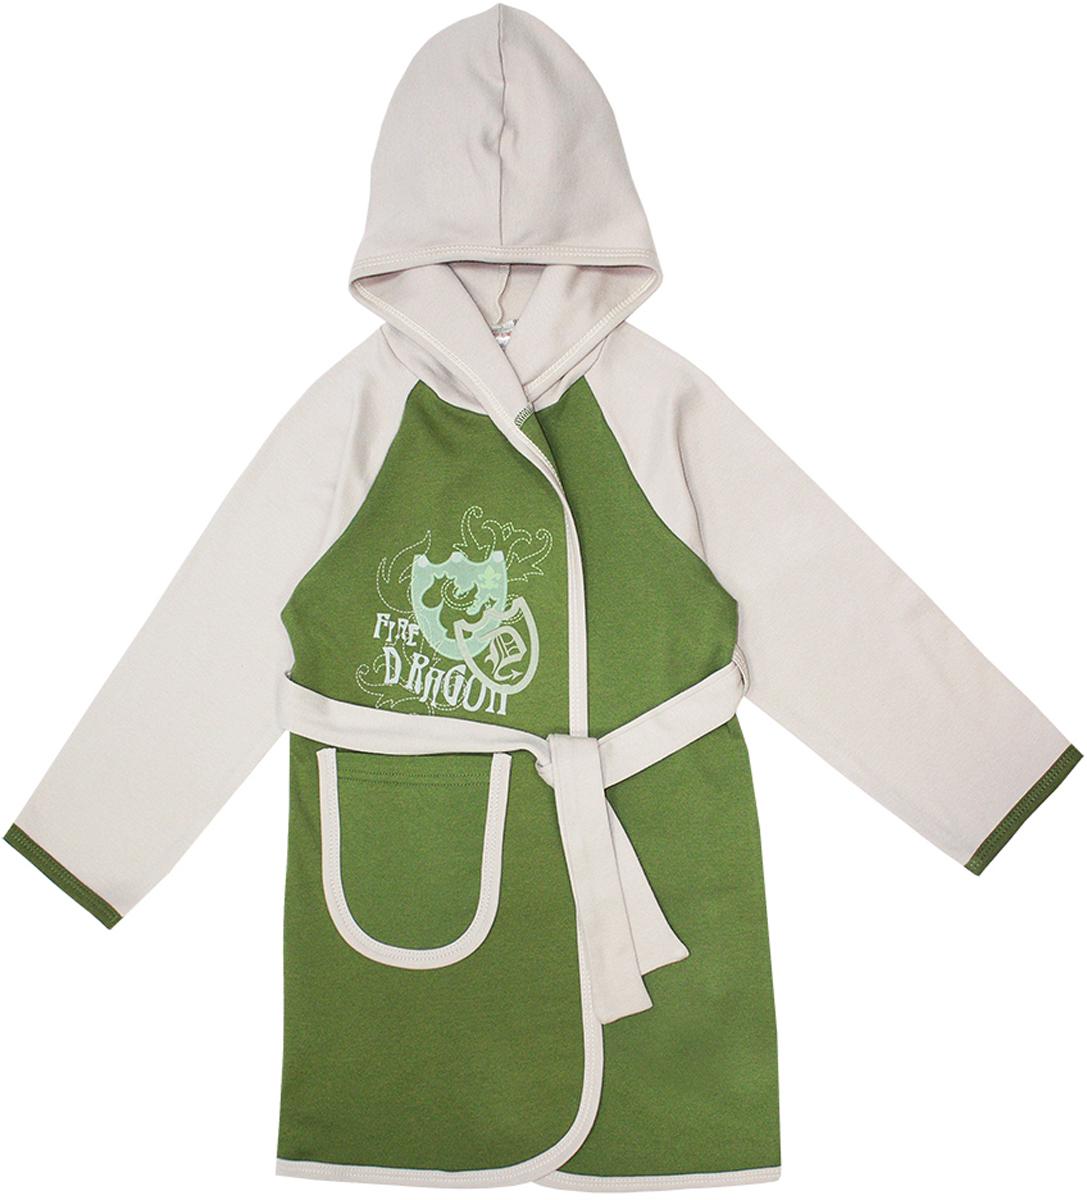 Халат12253Очаровательный халат для мальчика КотМарКот Дракон изготовлен из натурального хлопка. Халат с запахом затягивается поясом. Модель с длинными рукавами-реглан и капюшоном украшена оригинальным принтом. Спереди халат дополнен накладным карманом.